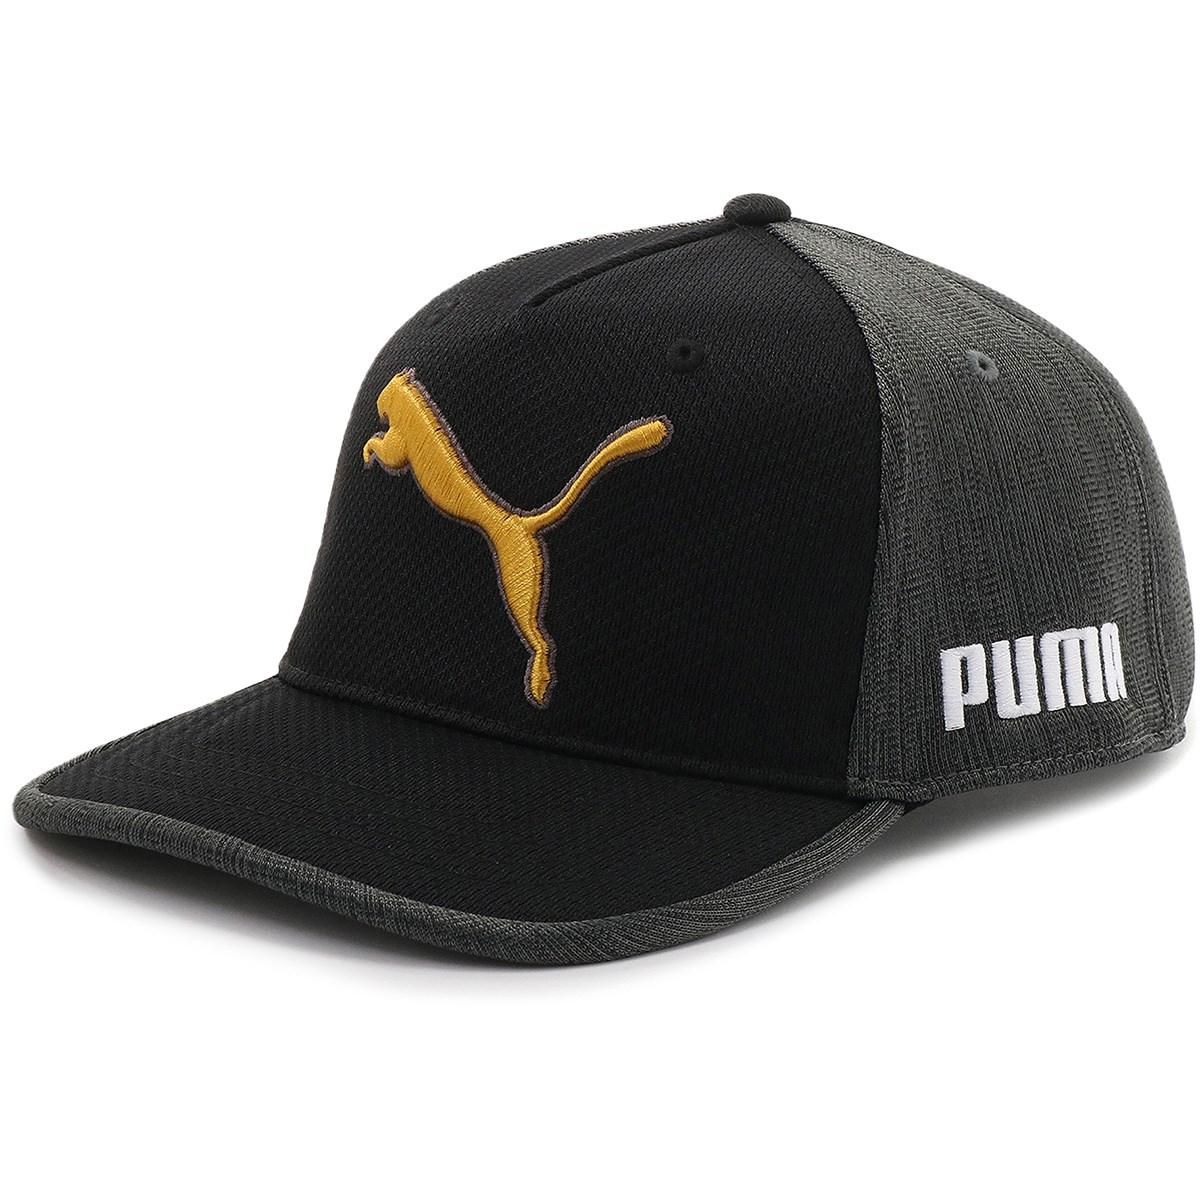 プーマ(PUMA) ラッセル キャップ